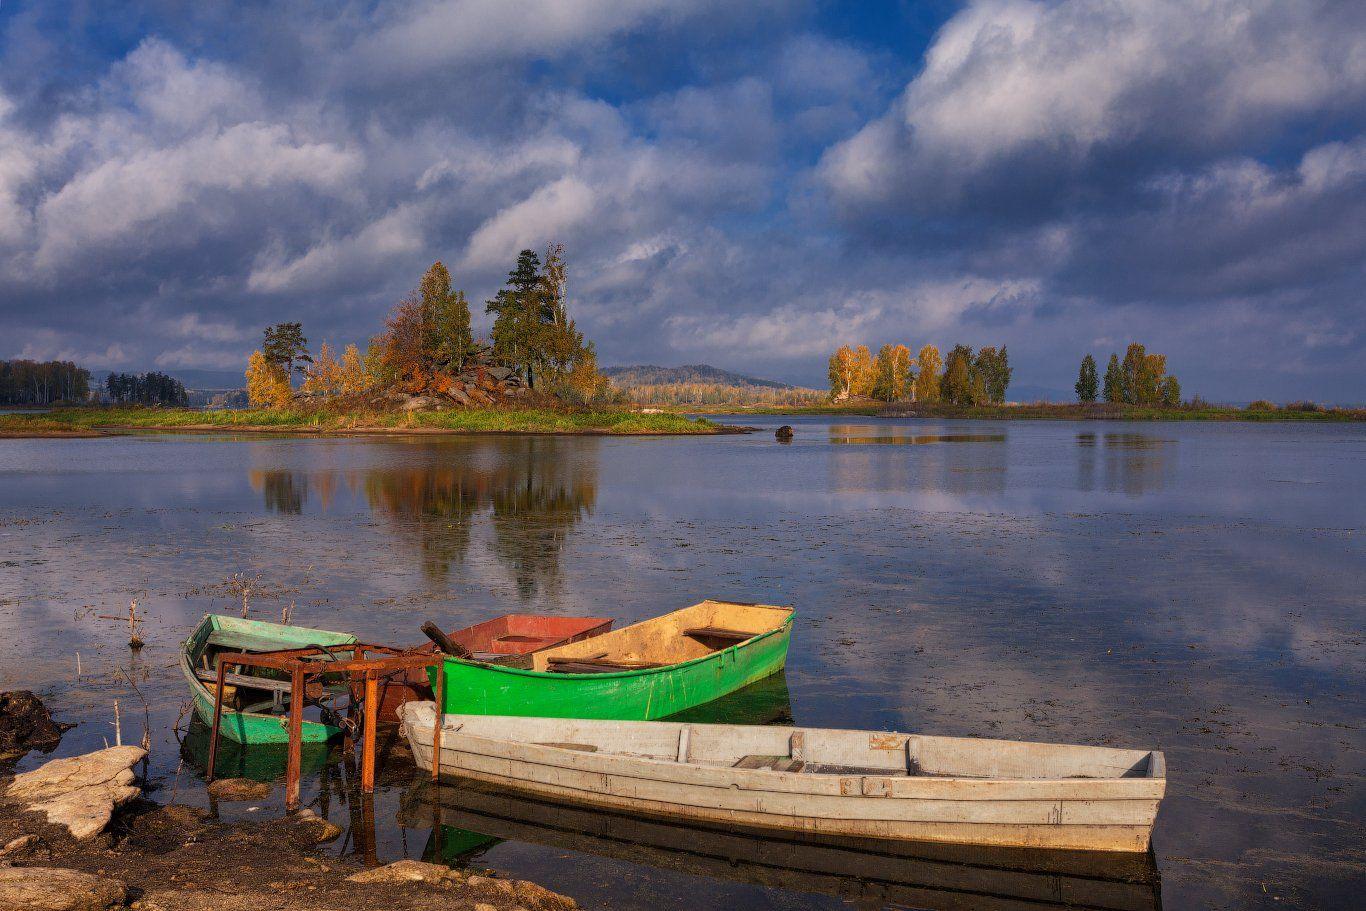 Вода, Золотая осень, Лодки, Небо, Озеро, Осень, Данил Ромодин